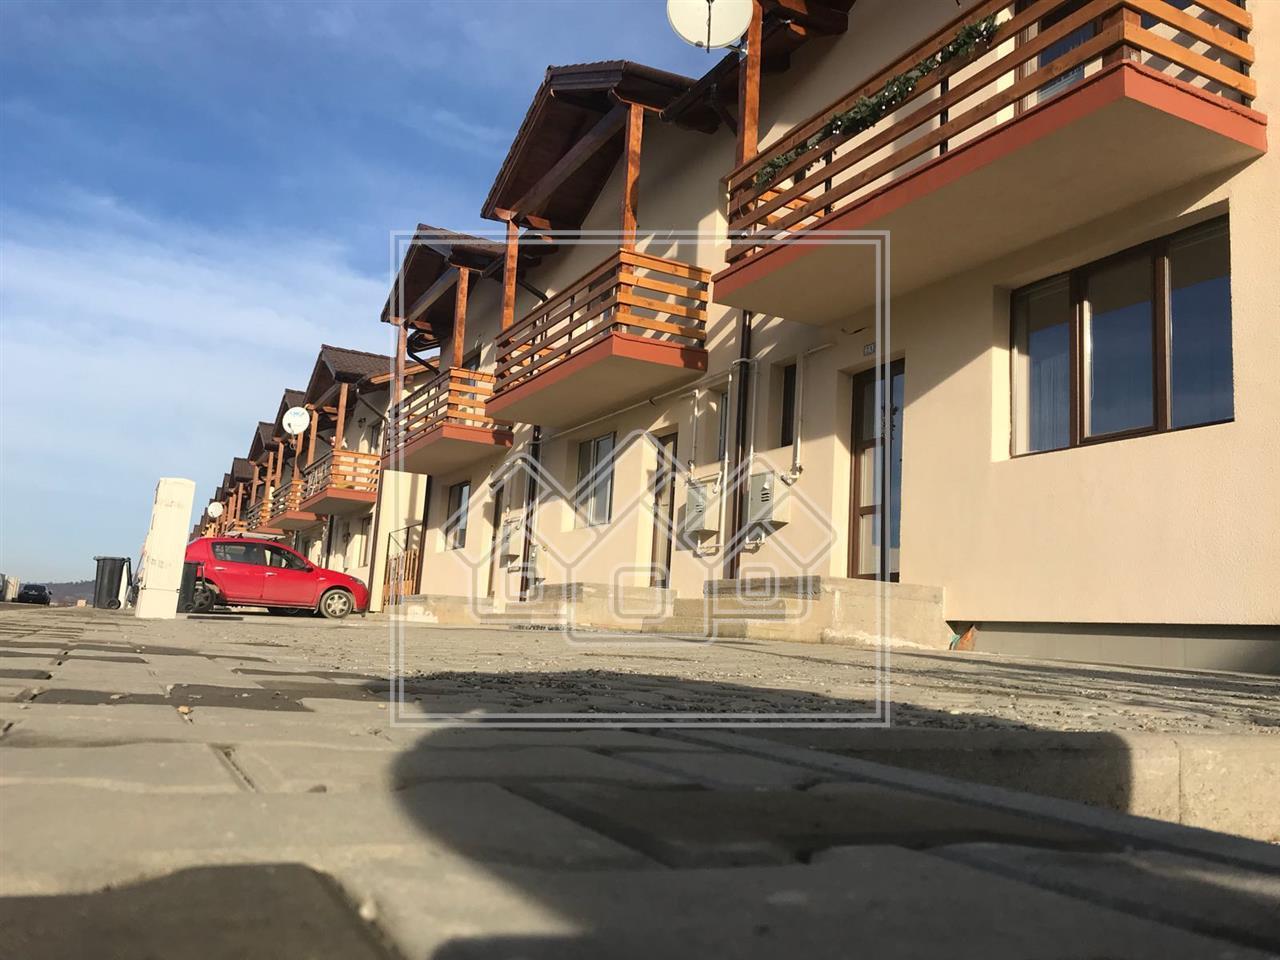 Casa de vanzare in Sibiu tip triplex + gradina spatioasa la alb